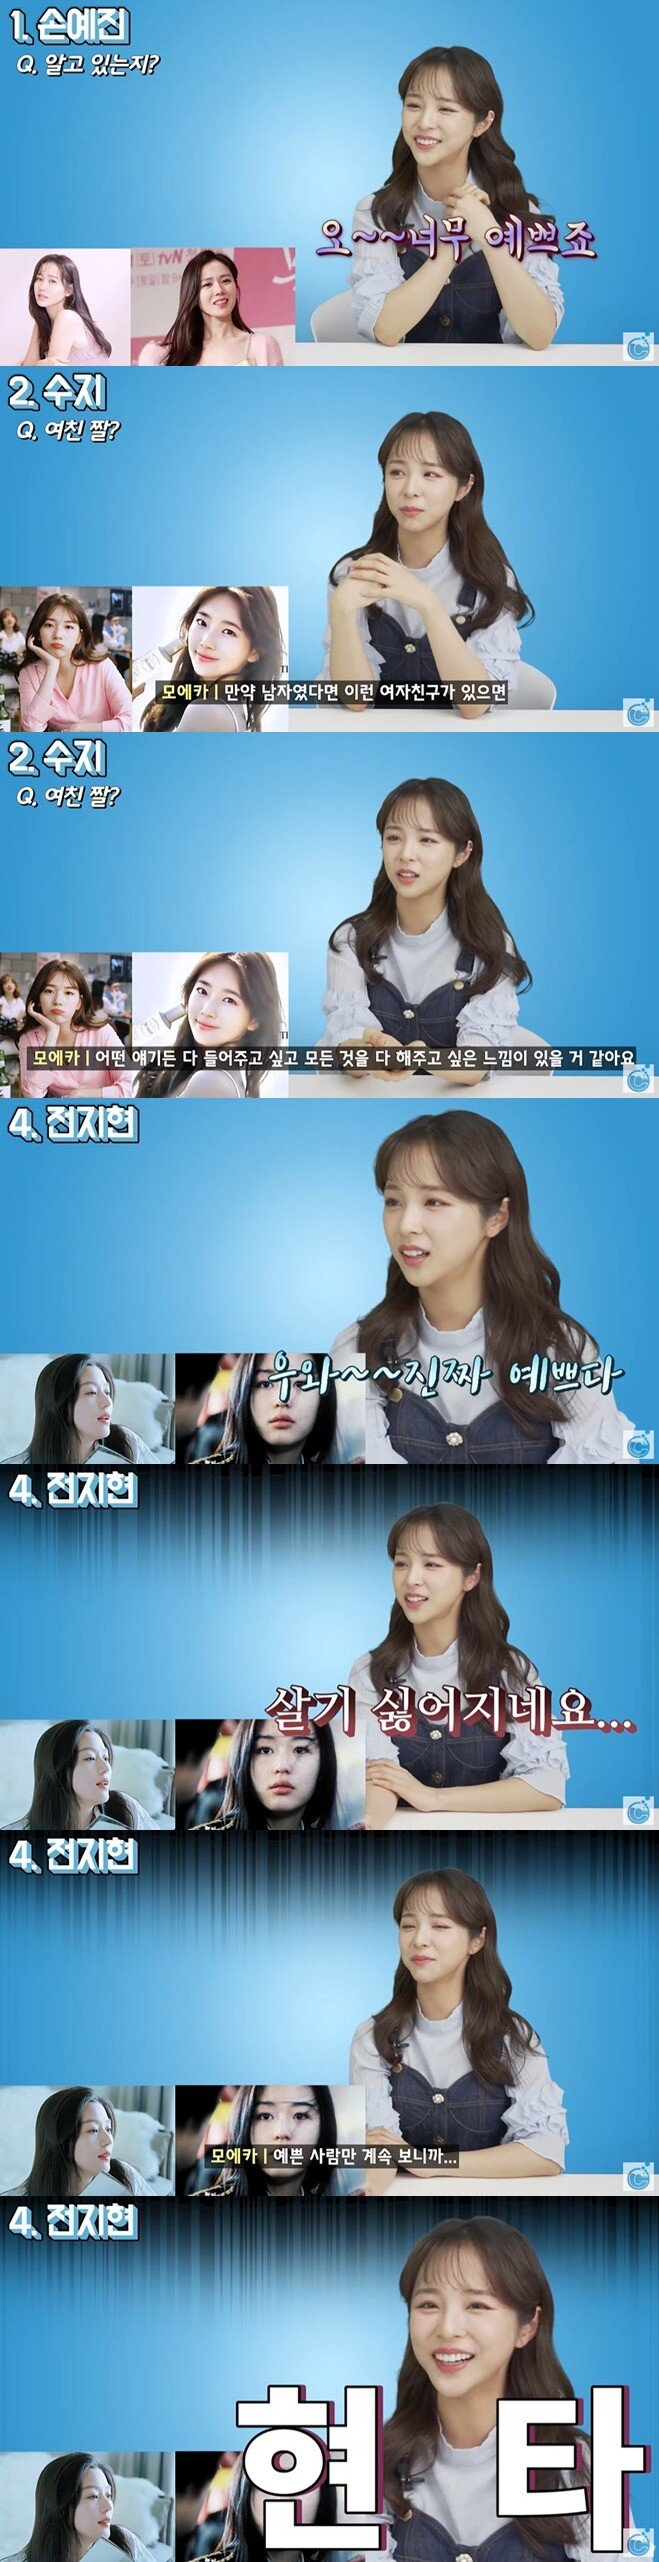 한국 대표 미녀 사진들 보다가 현타온 일본녀